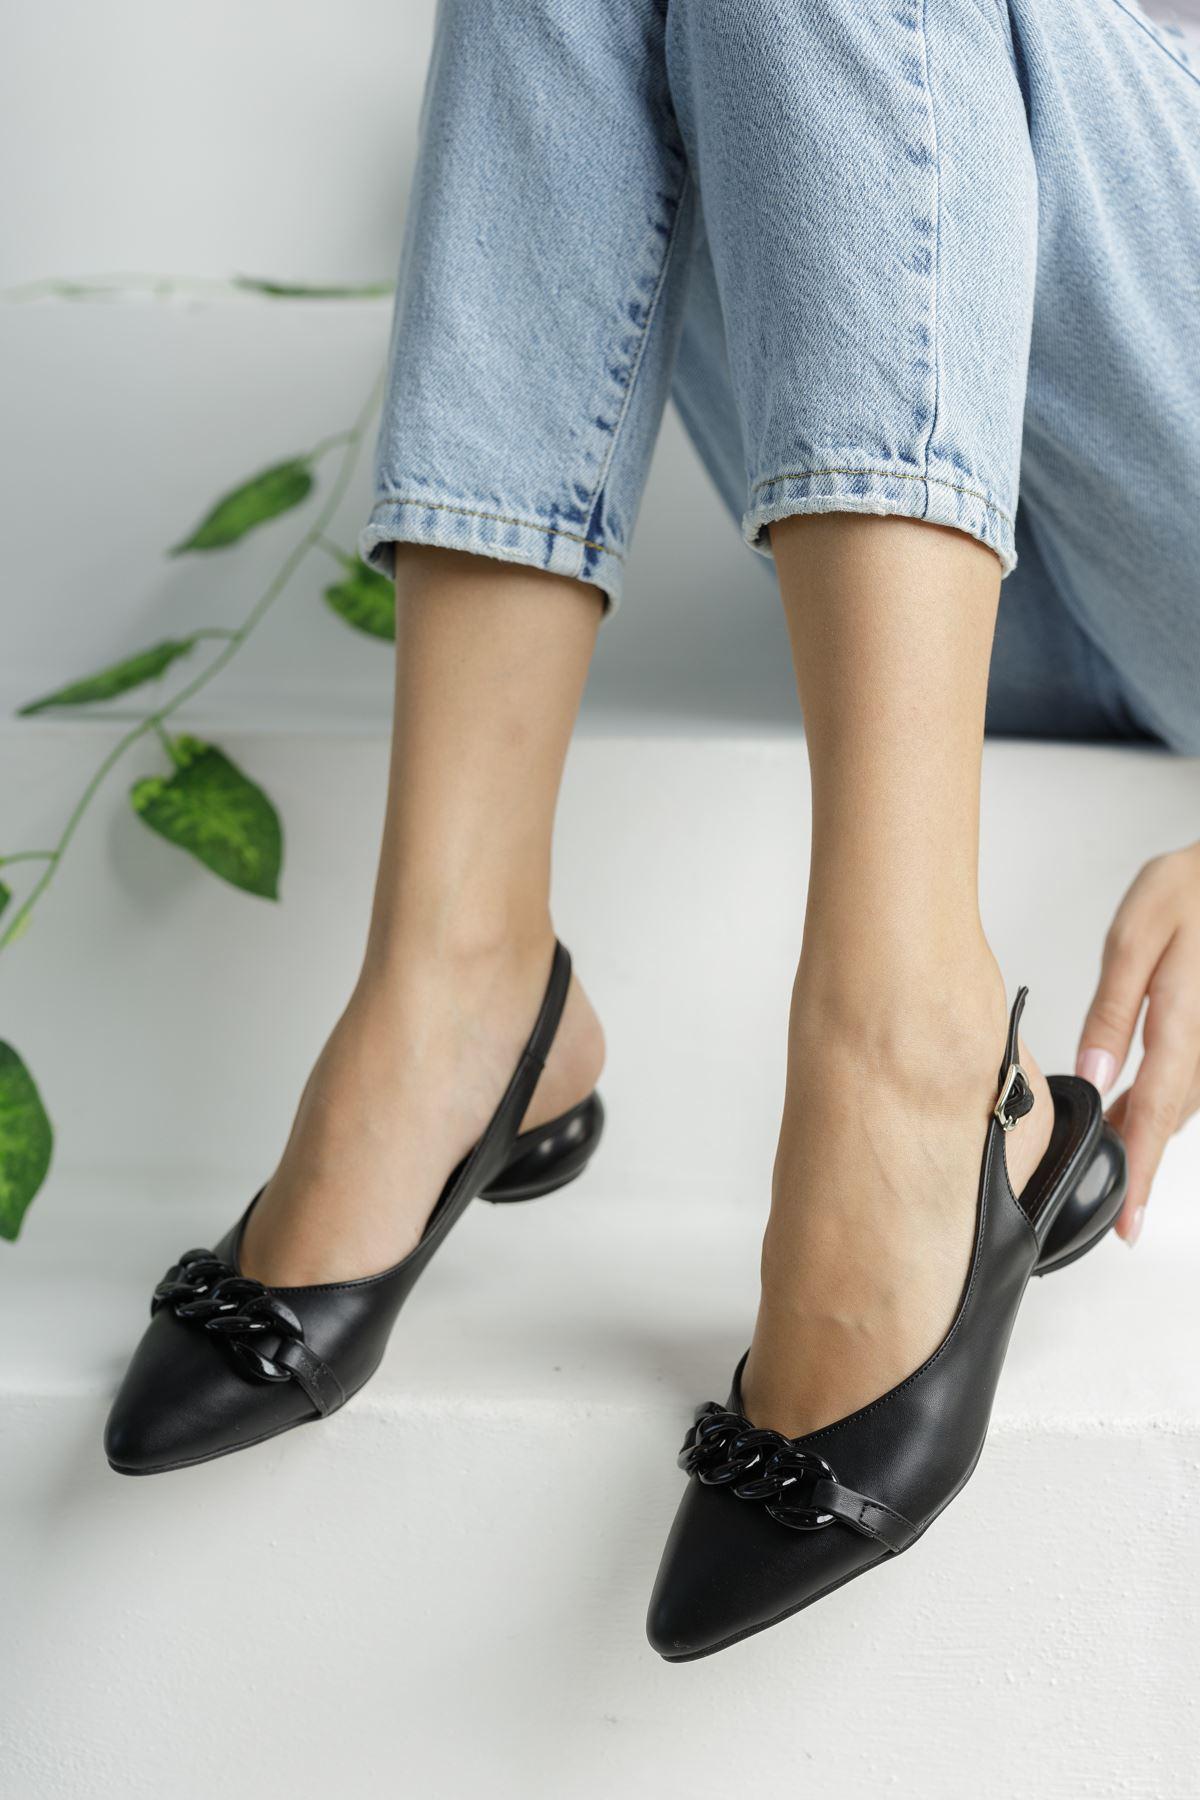 Siyah Zincir Detaylı Kısa Yuvarlak Topuklu Ayakkabı